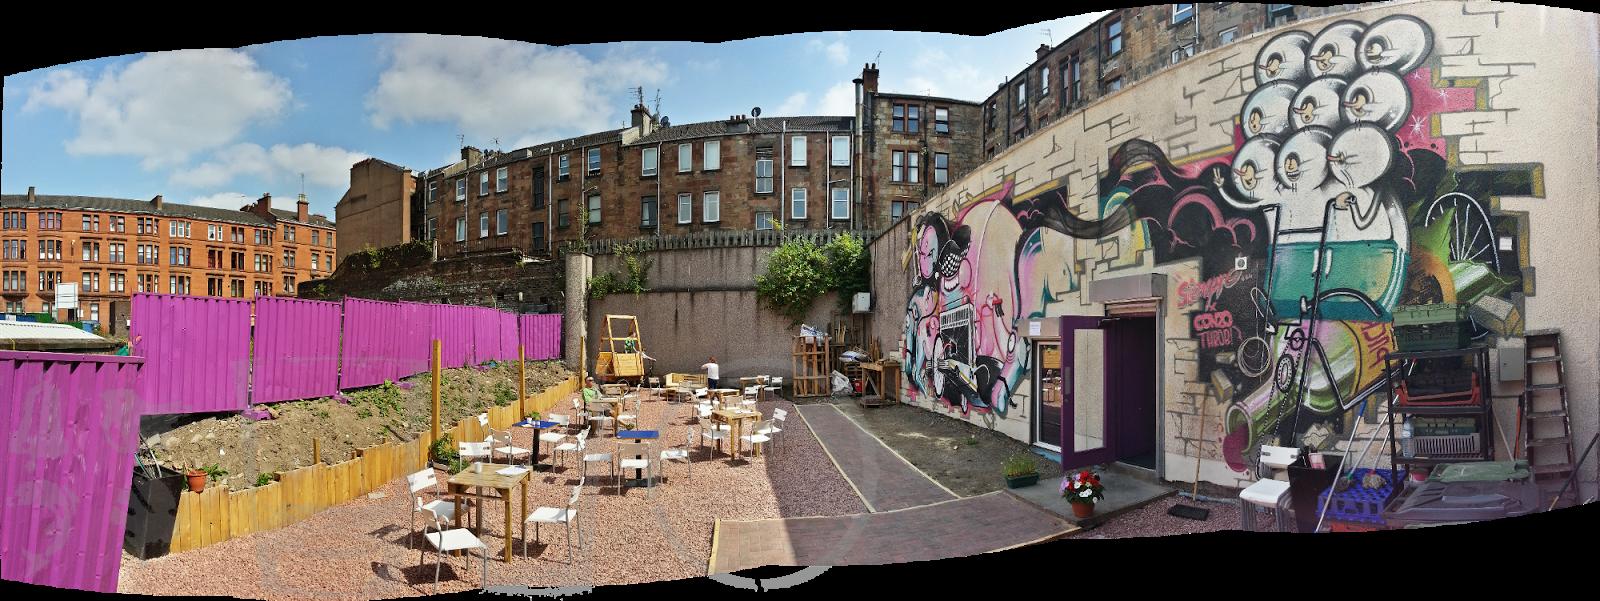 Siempre Cafe, Glasgow